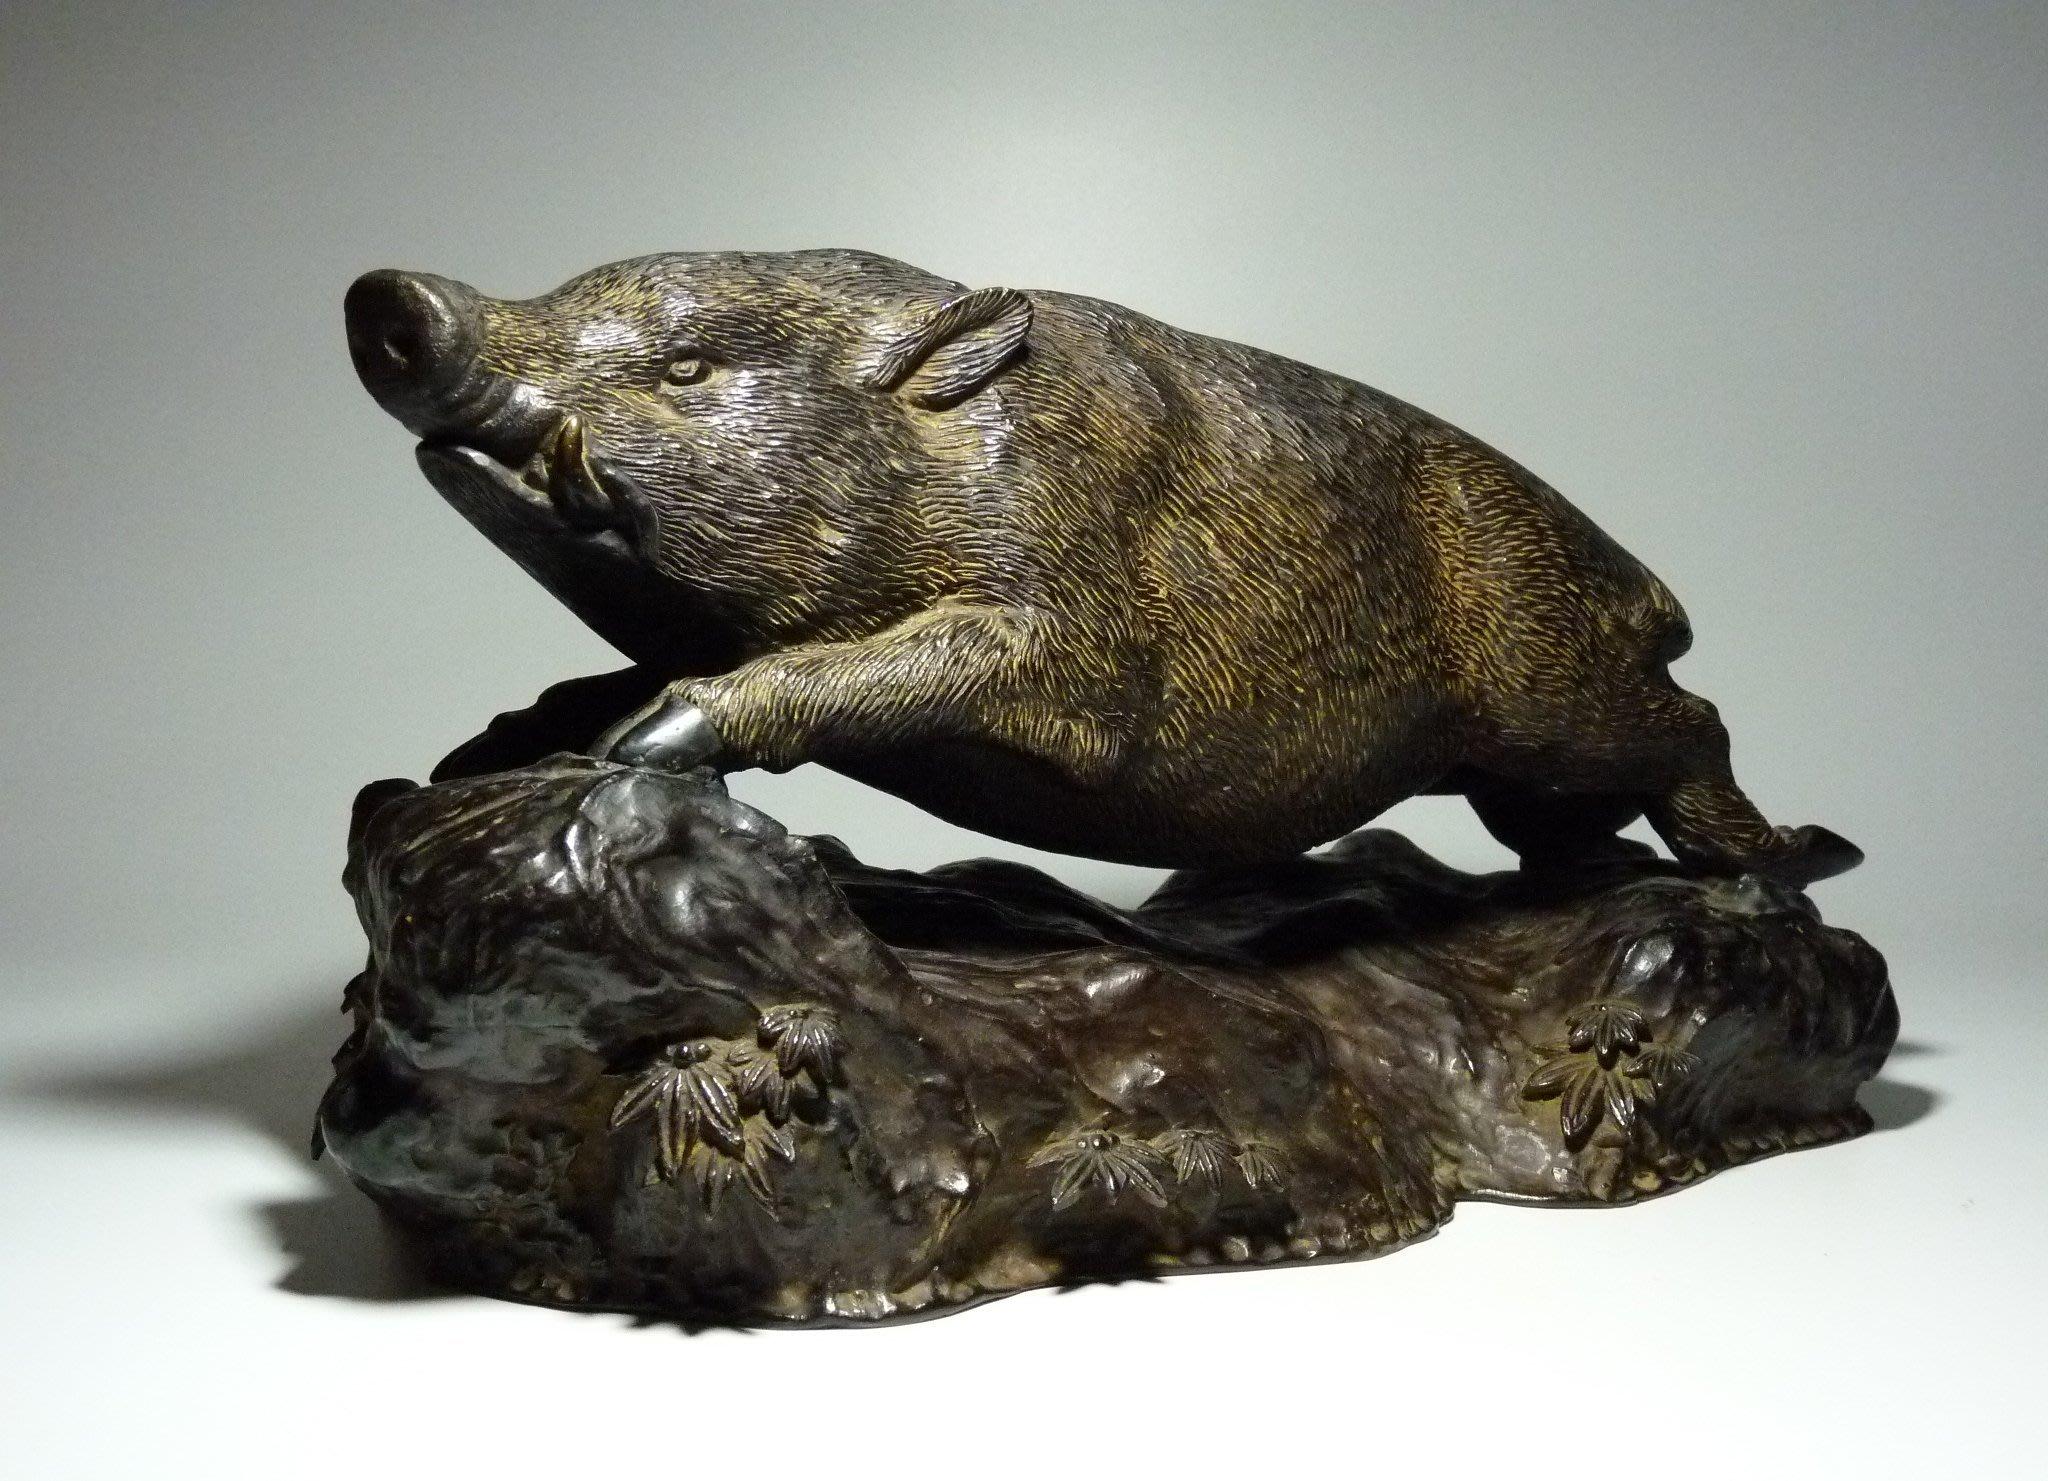 花見小路 90明治大正古銅猪彫刻置物 極美品 明治 寬34.5高17.5深14.5  5.4kg